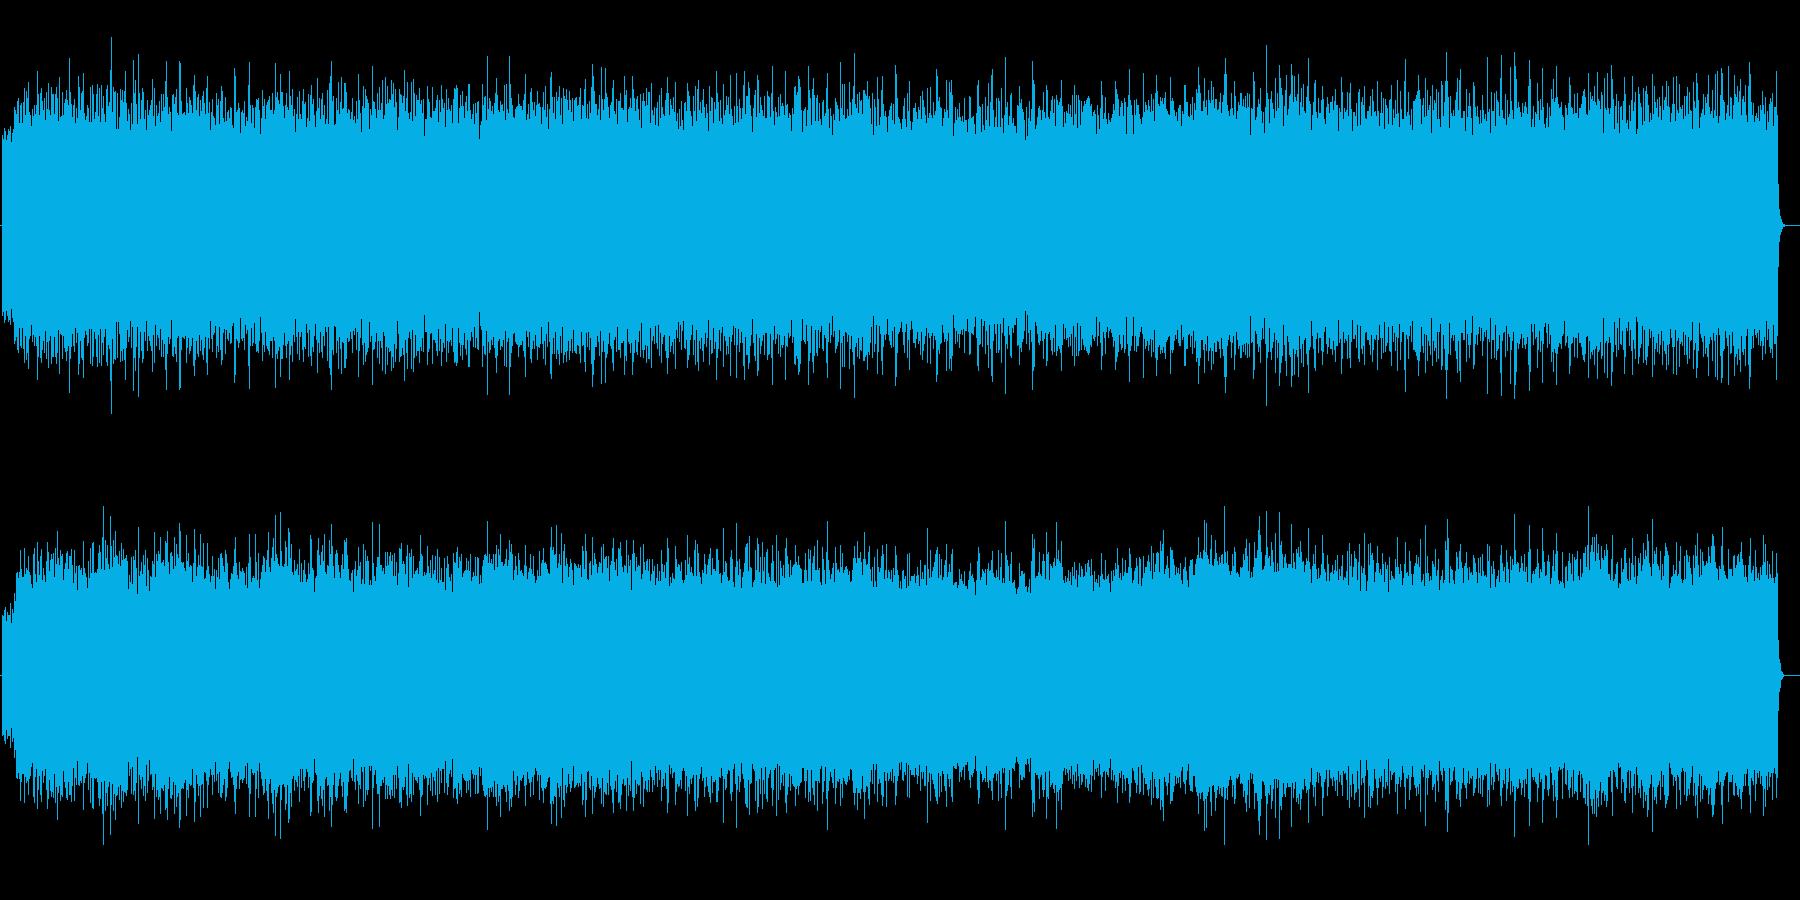 ステレオラブ風のオルガンSFモンドの再生済みの波形